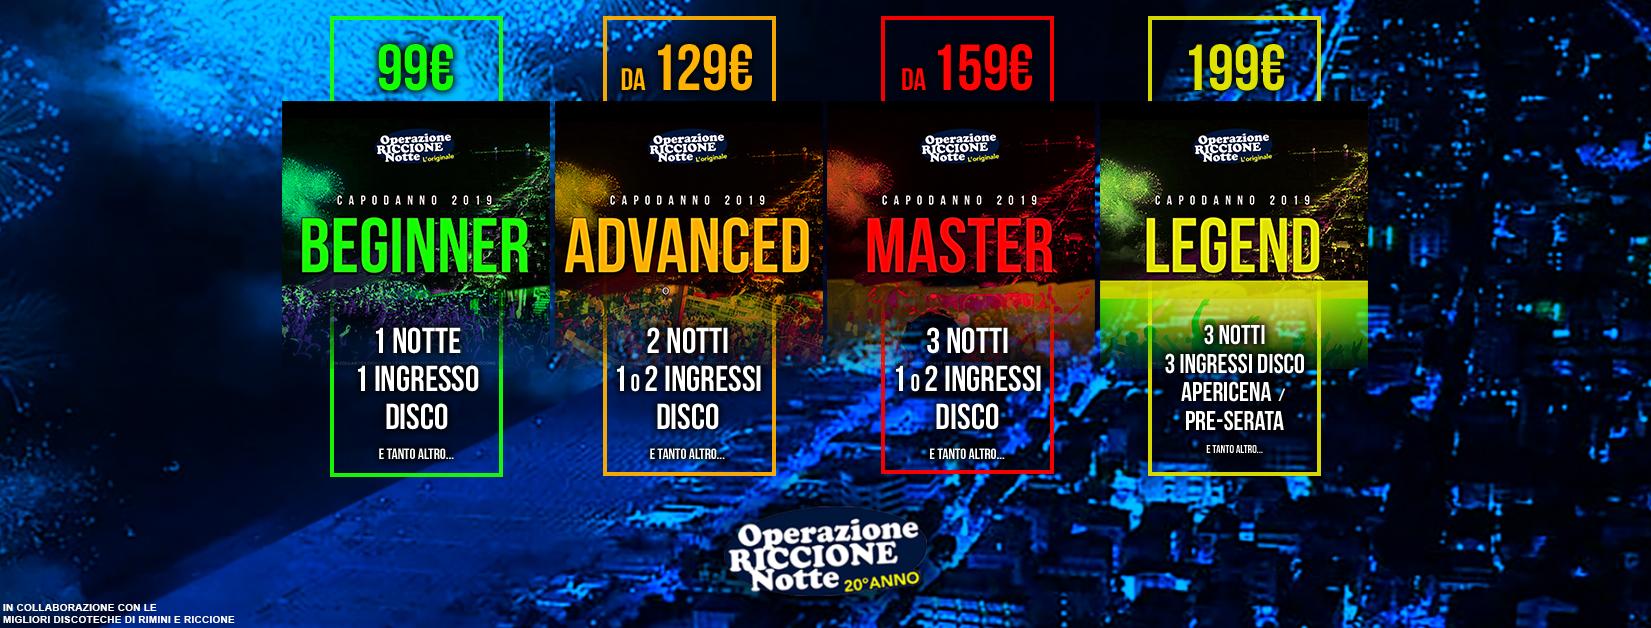 CAPODANNO 2019 A RICCIONE e RIMINI Eventi Pacchetti Hotel e Discoteche